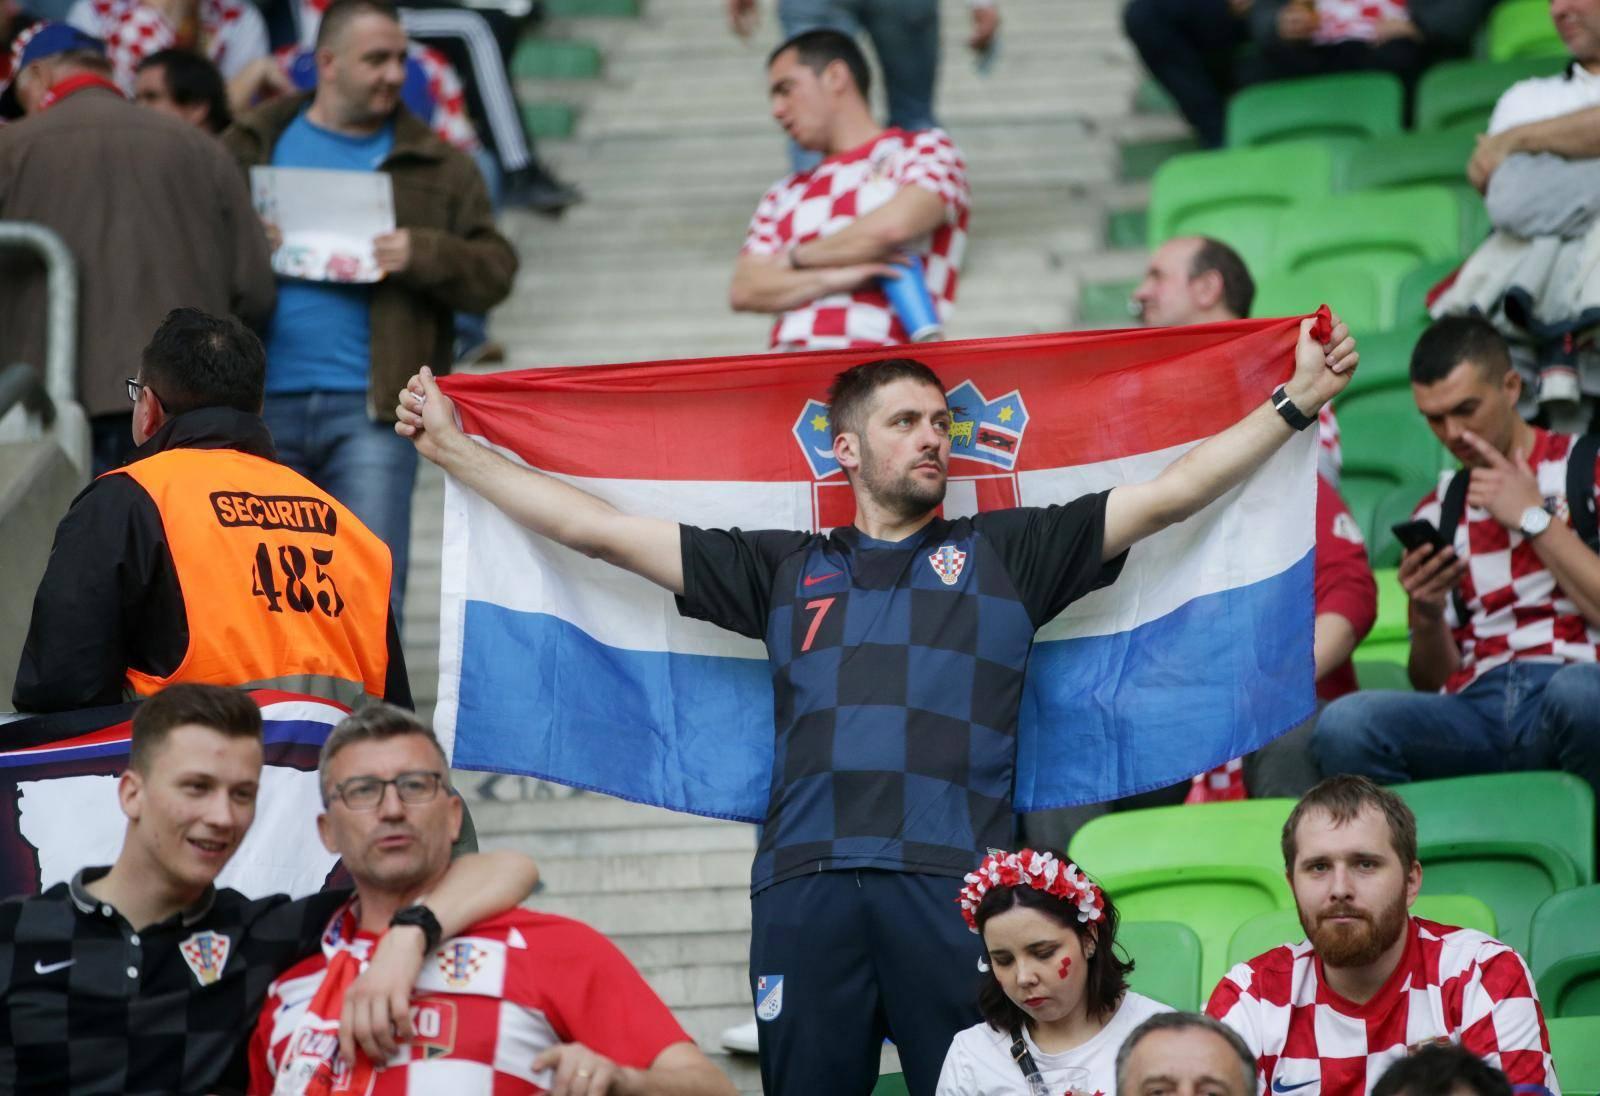 Budimpešta: Navijači spremni za kvalifikacijsku utakmica između Mađarske i Hrvatske